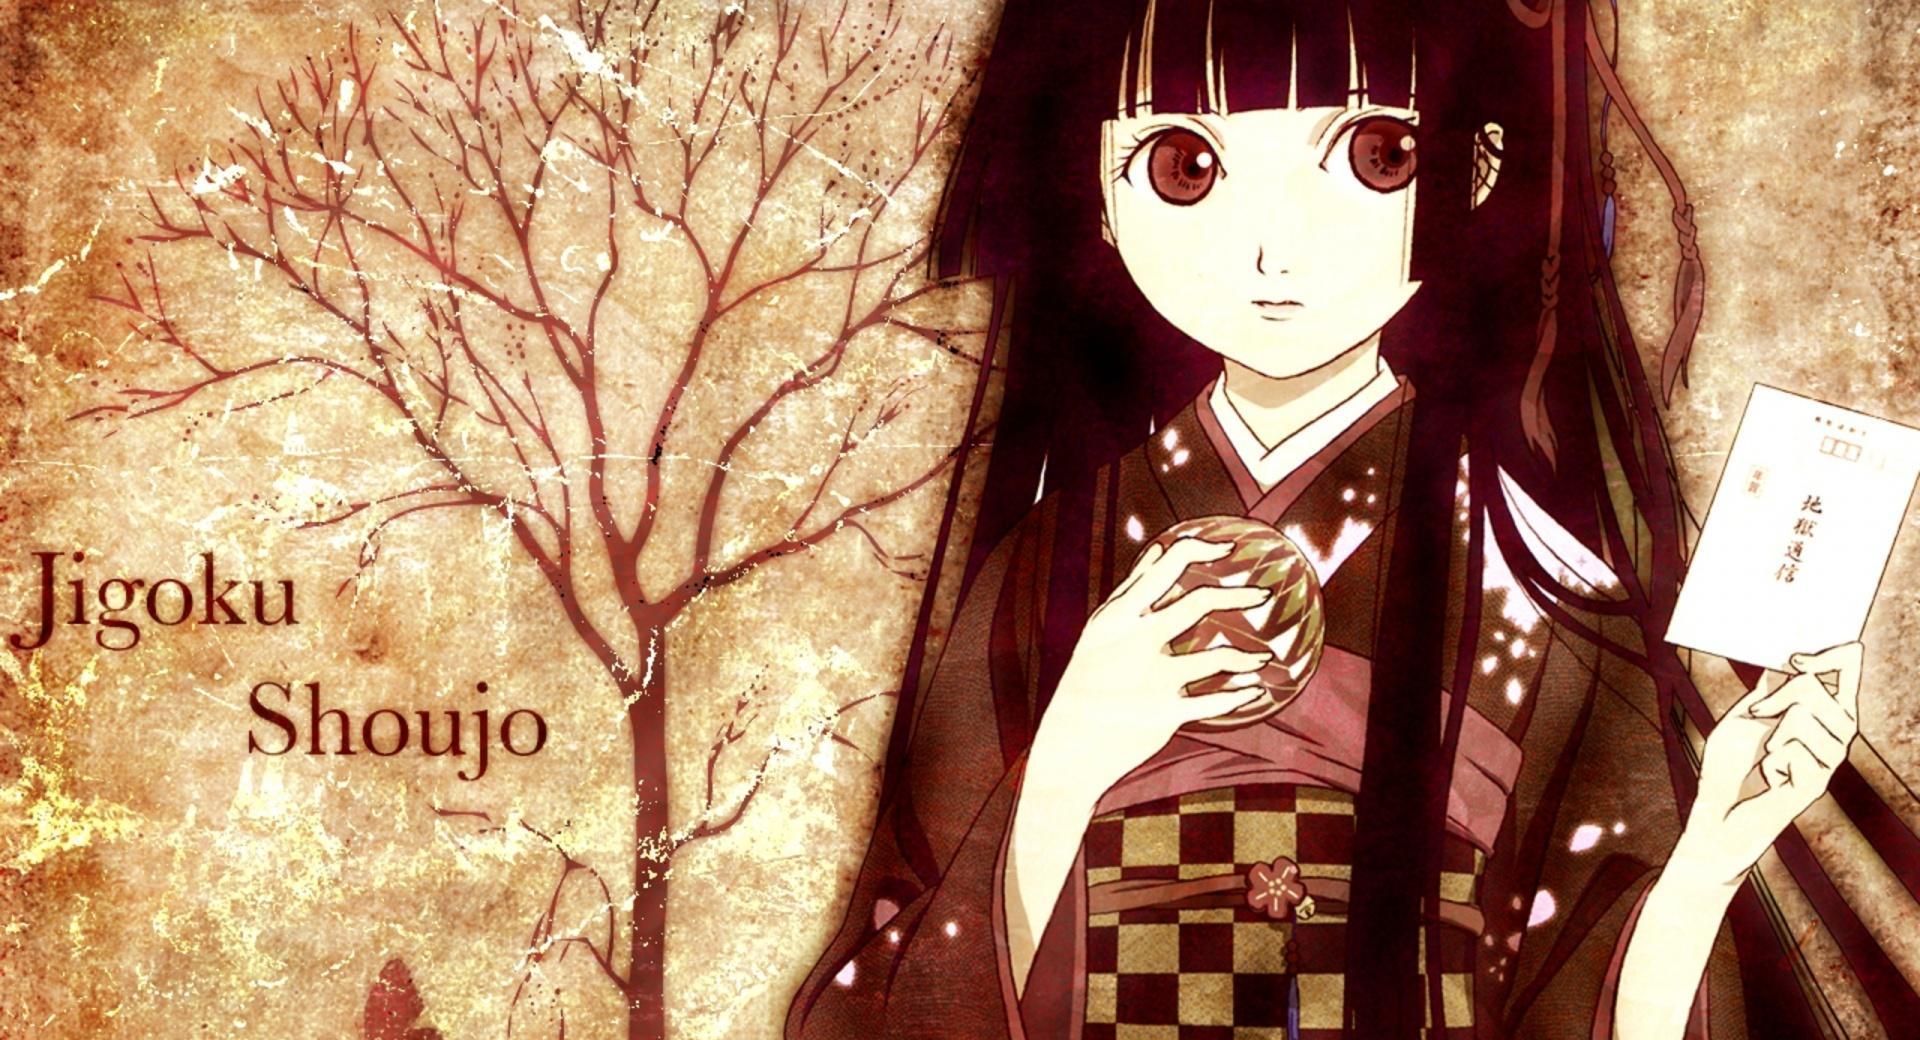 Jigoku Shoujo Girl From Hell wallpapers HD quality